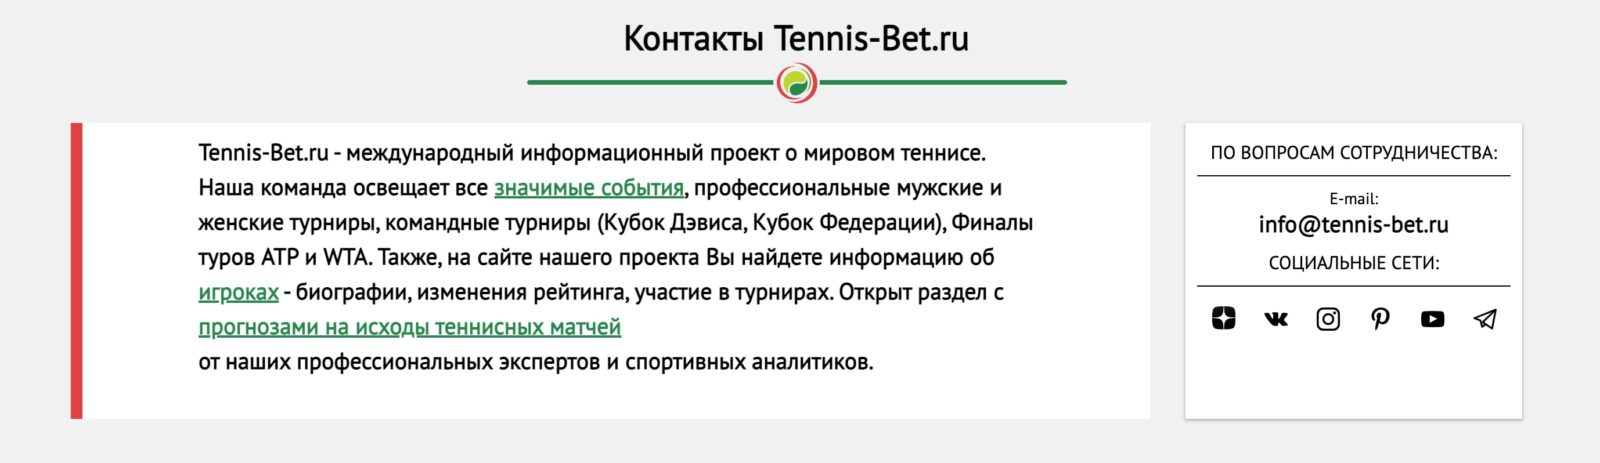 Контакты на сайте Tennis-bet.ru (Теннис Бет ру)